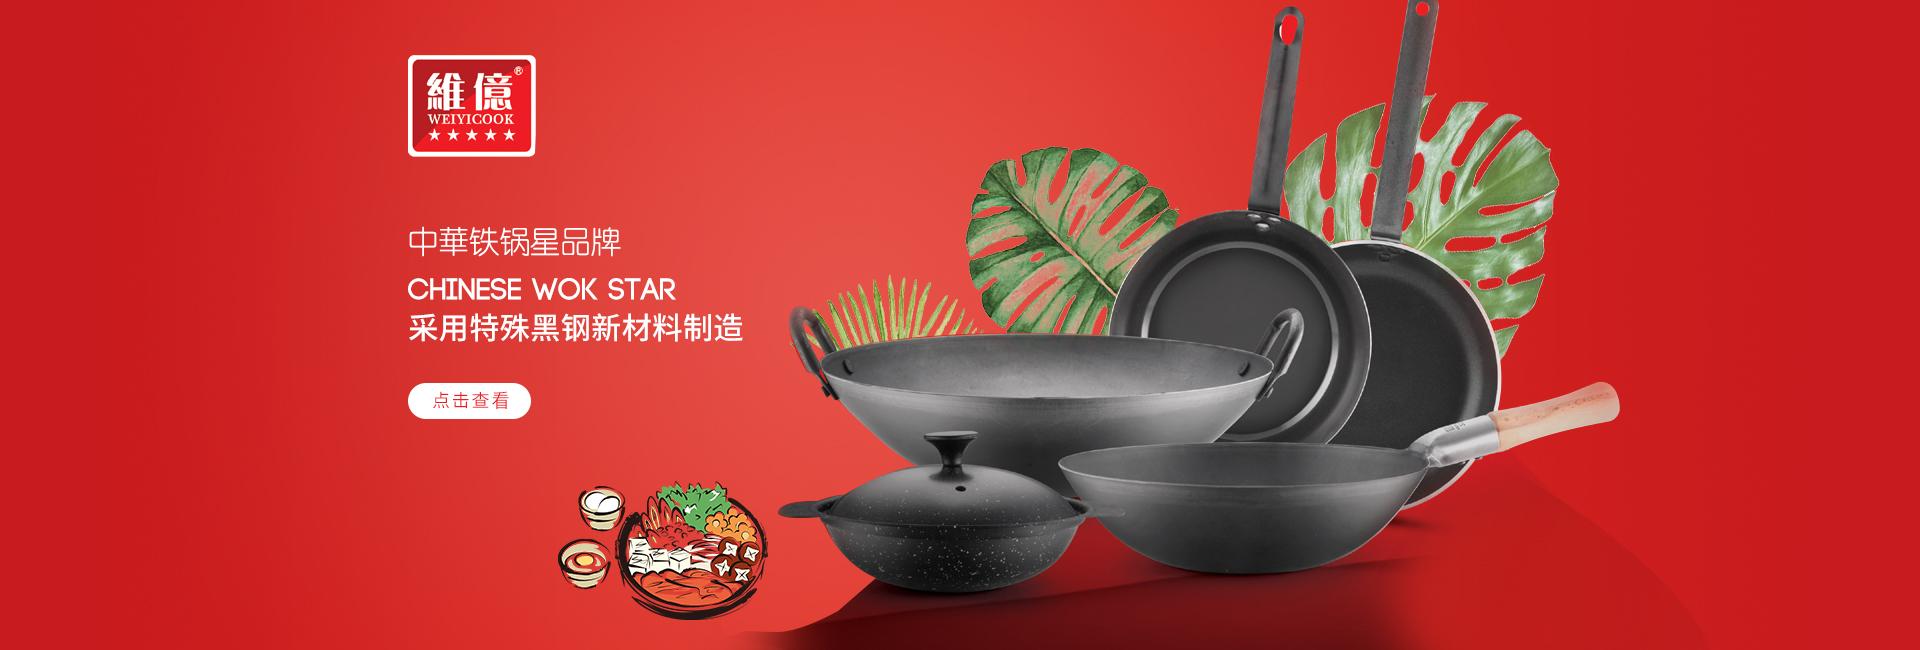 中华铁锅星品牌